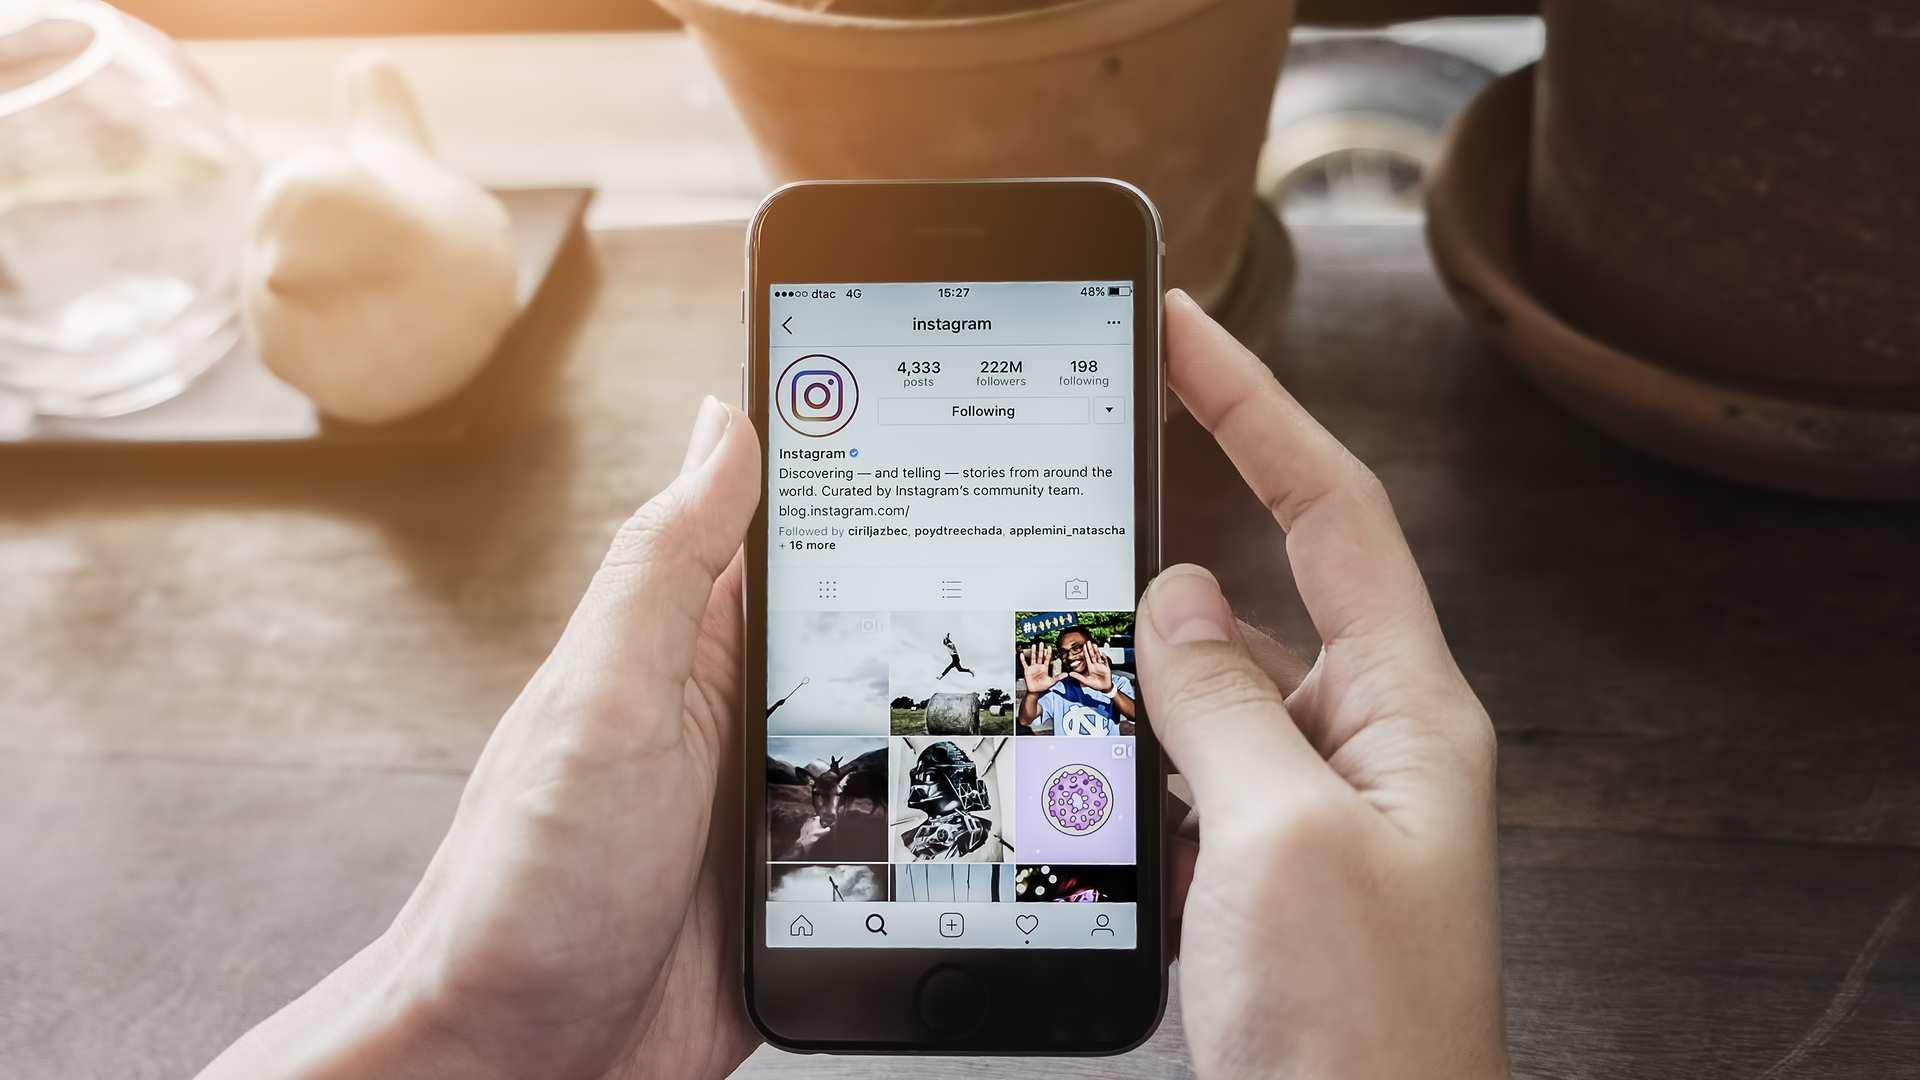 Pessoa lendo a biografia para Instagram no celular em cima de uma mesa com vaso e copos